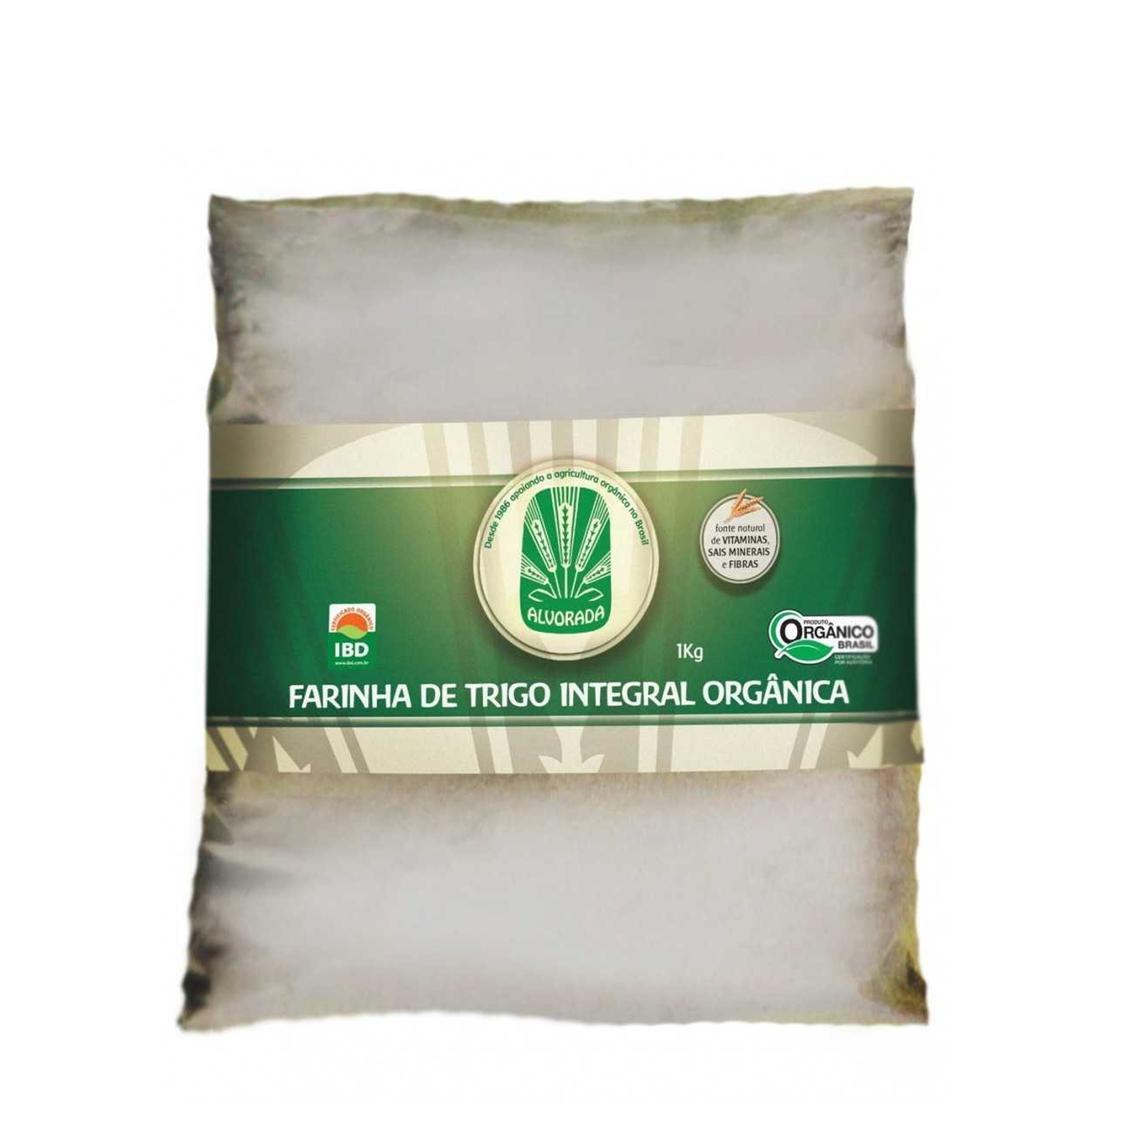 Farinha de Trigo Integral (1Kg) – Alvorada